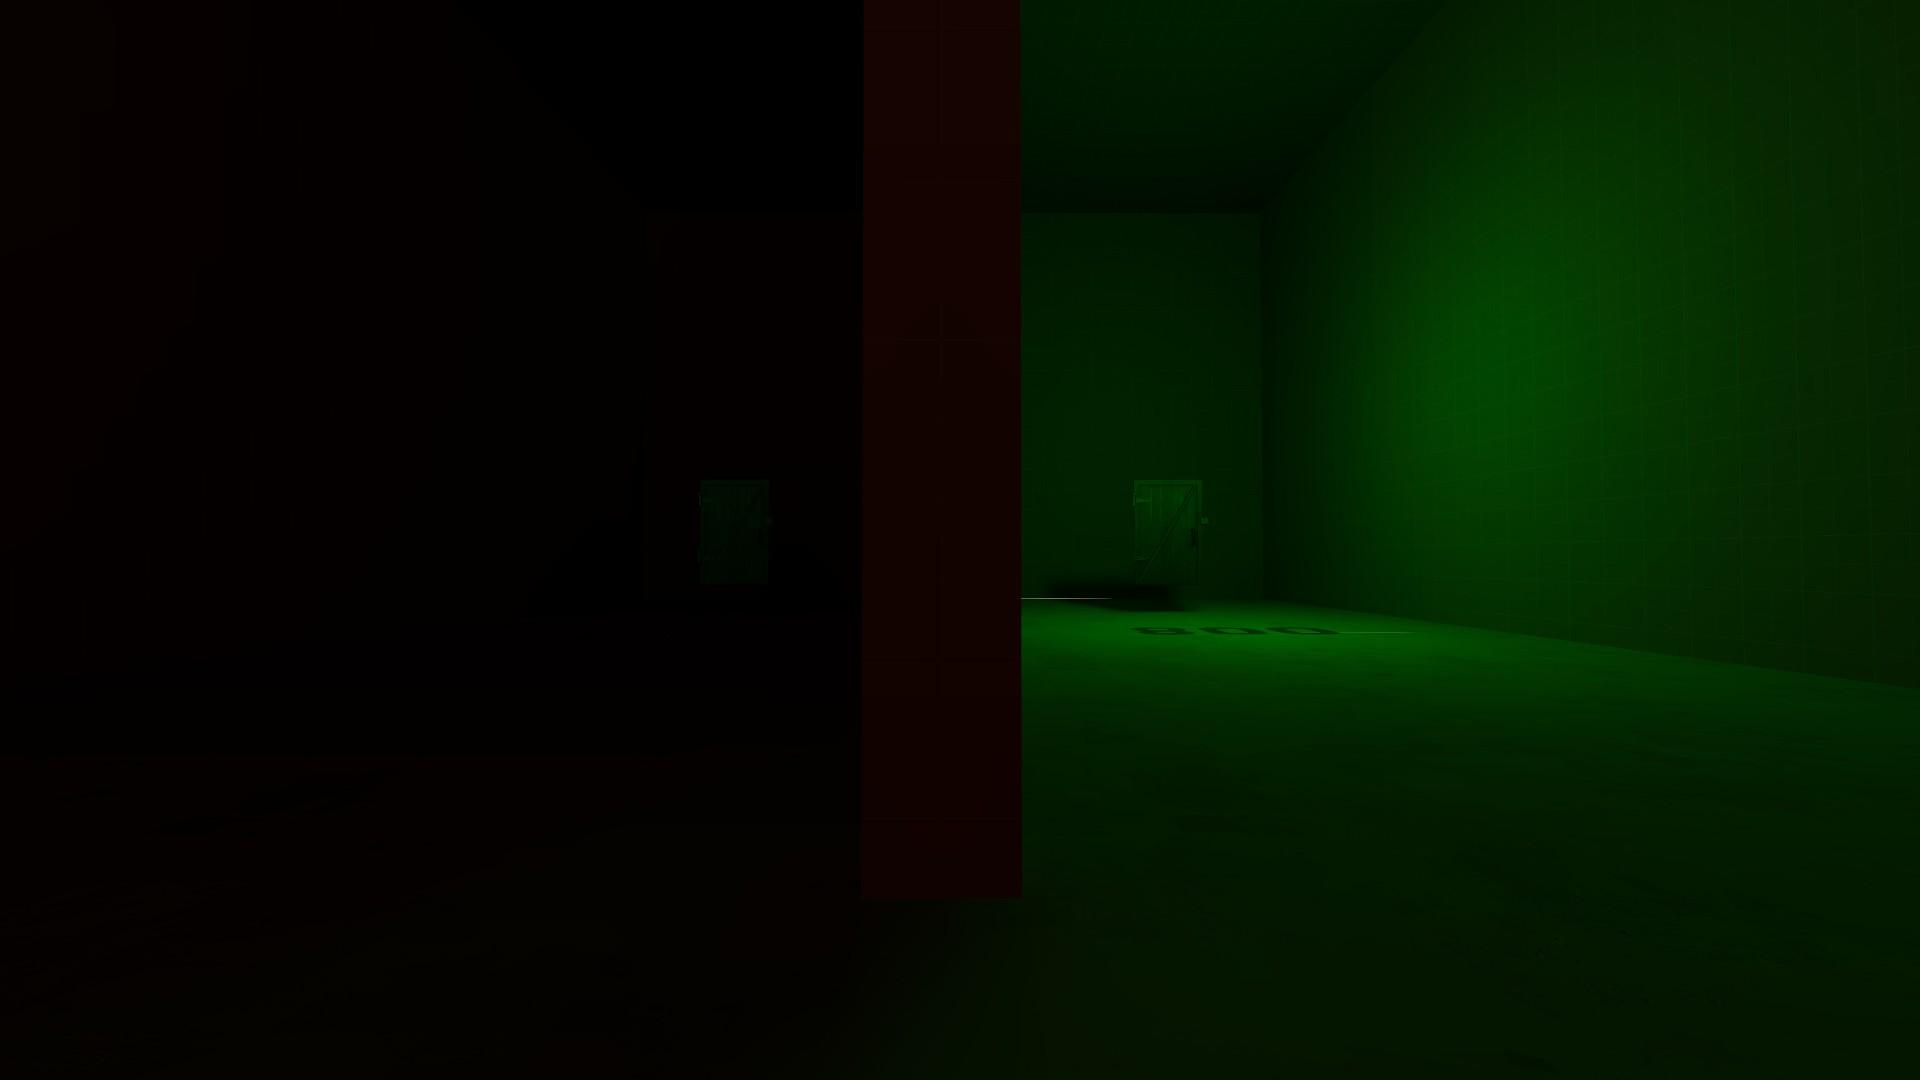 light_800.jpg